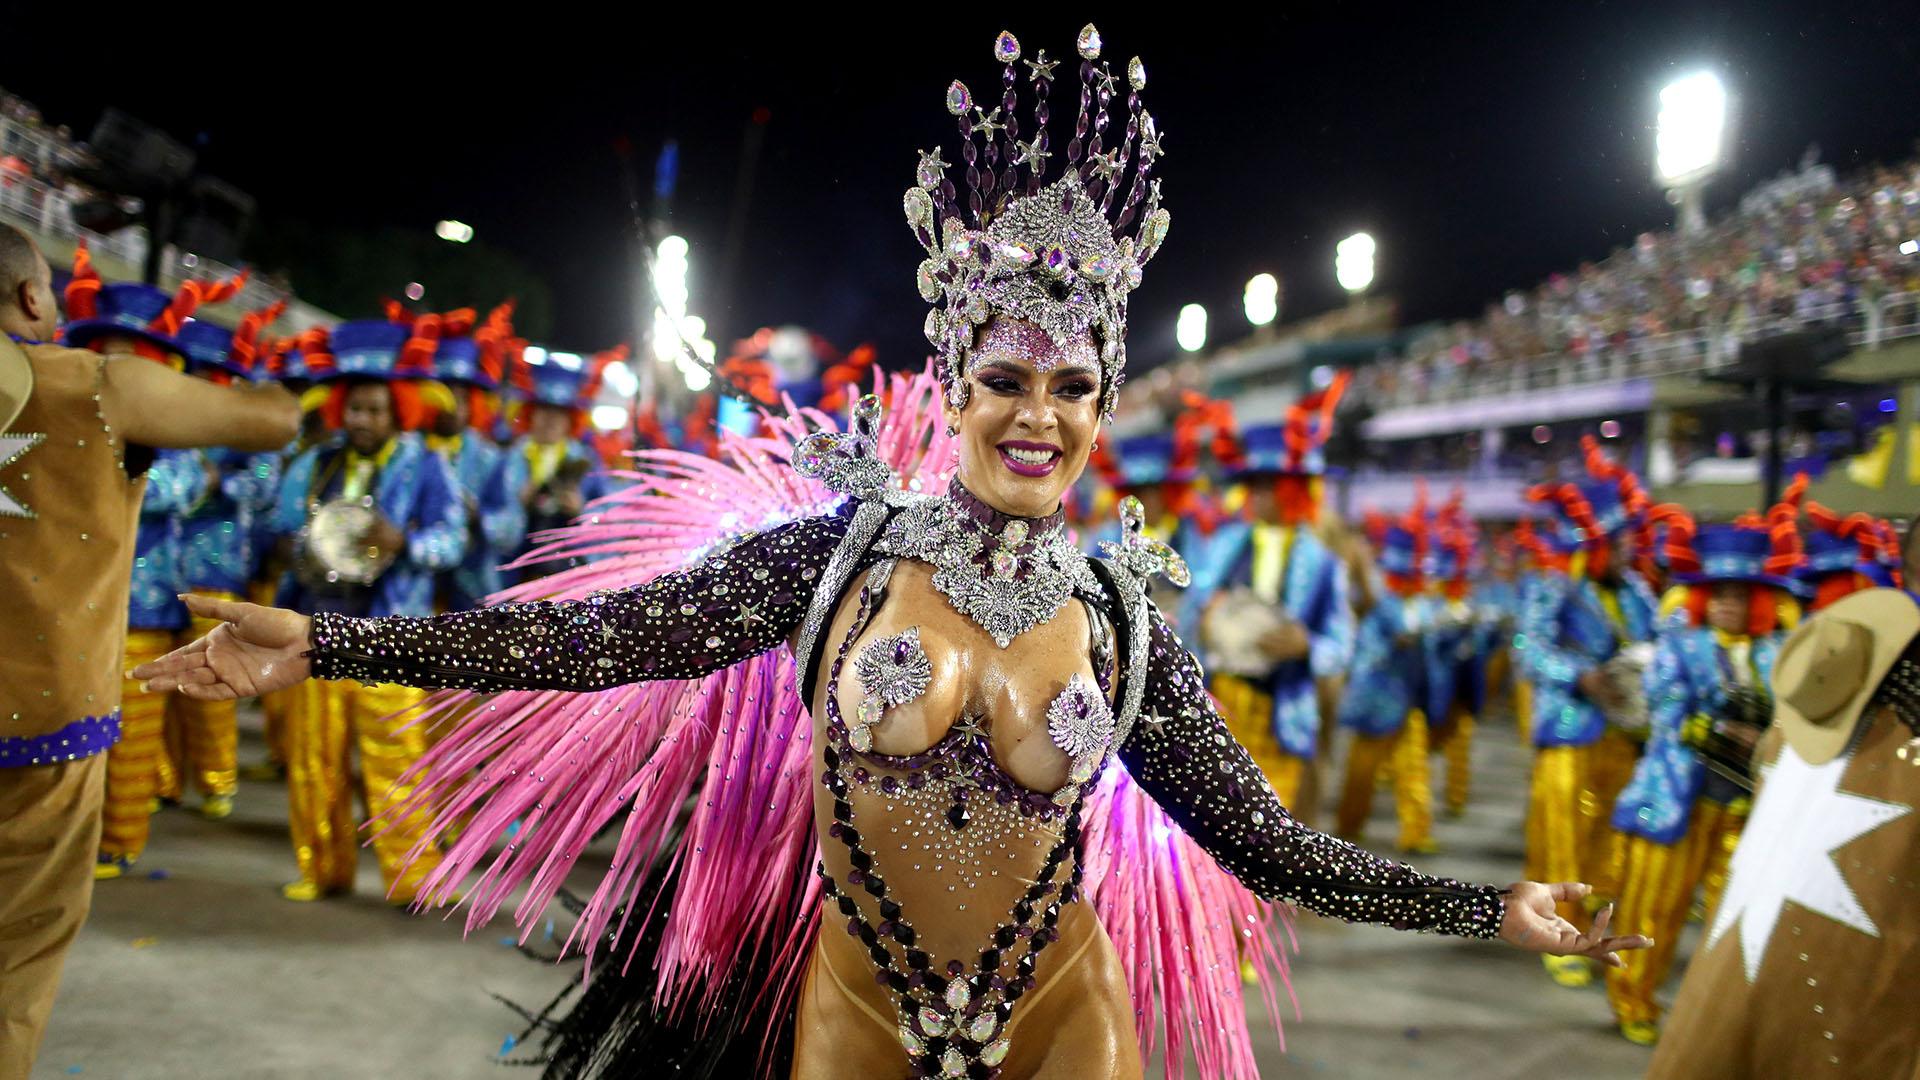 Paraiso do Tuiuti, la otra escuela que se destacó en el carnaval(REUTERS/Pilar Olivares)